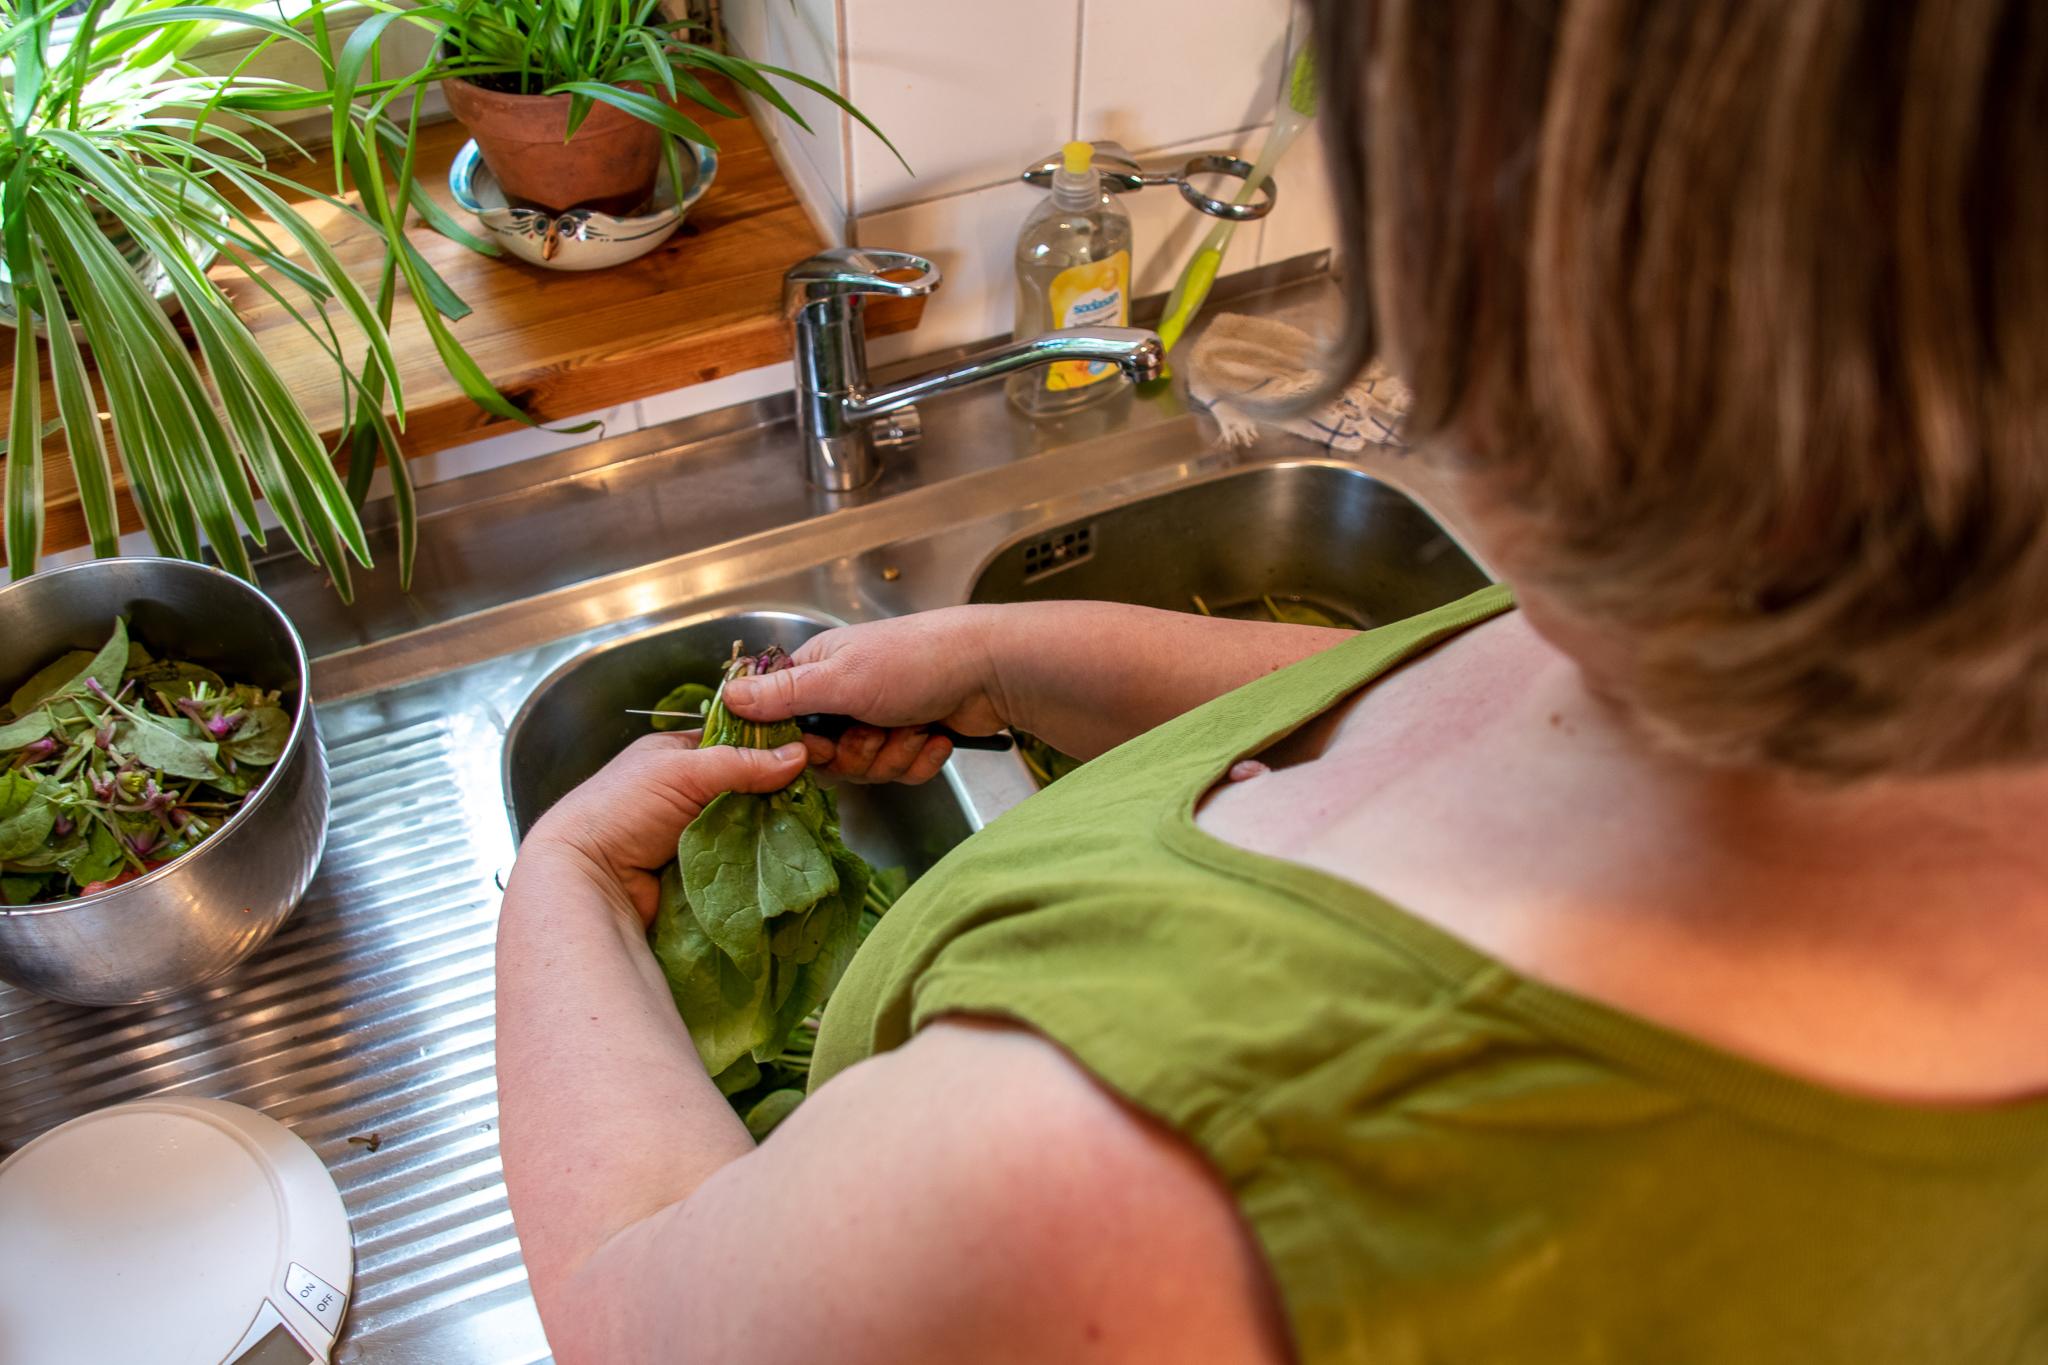 Barbara-Kenner-Küche-Spinat-putzen.jpg